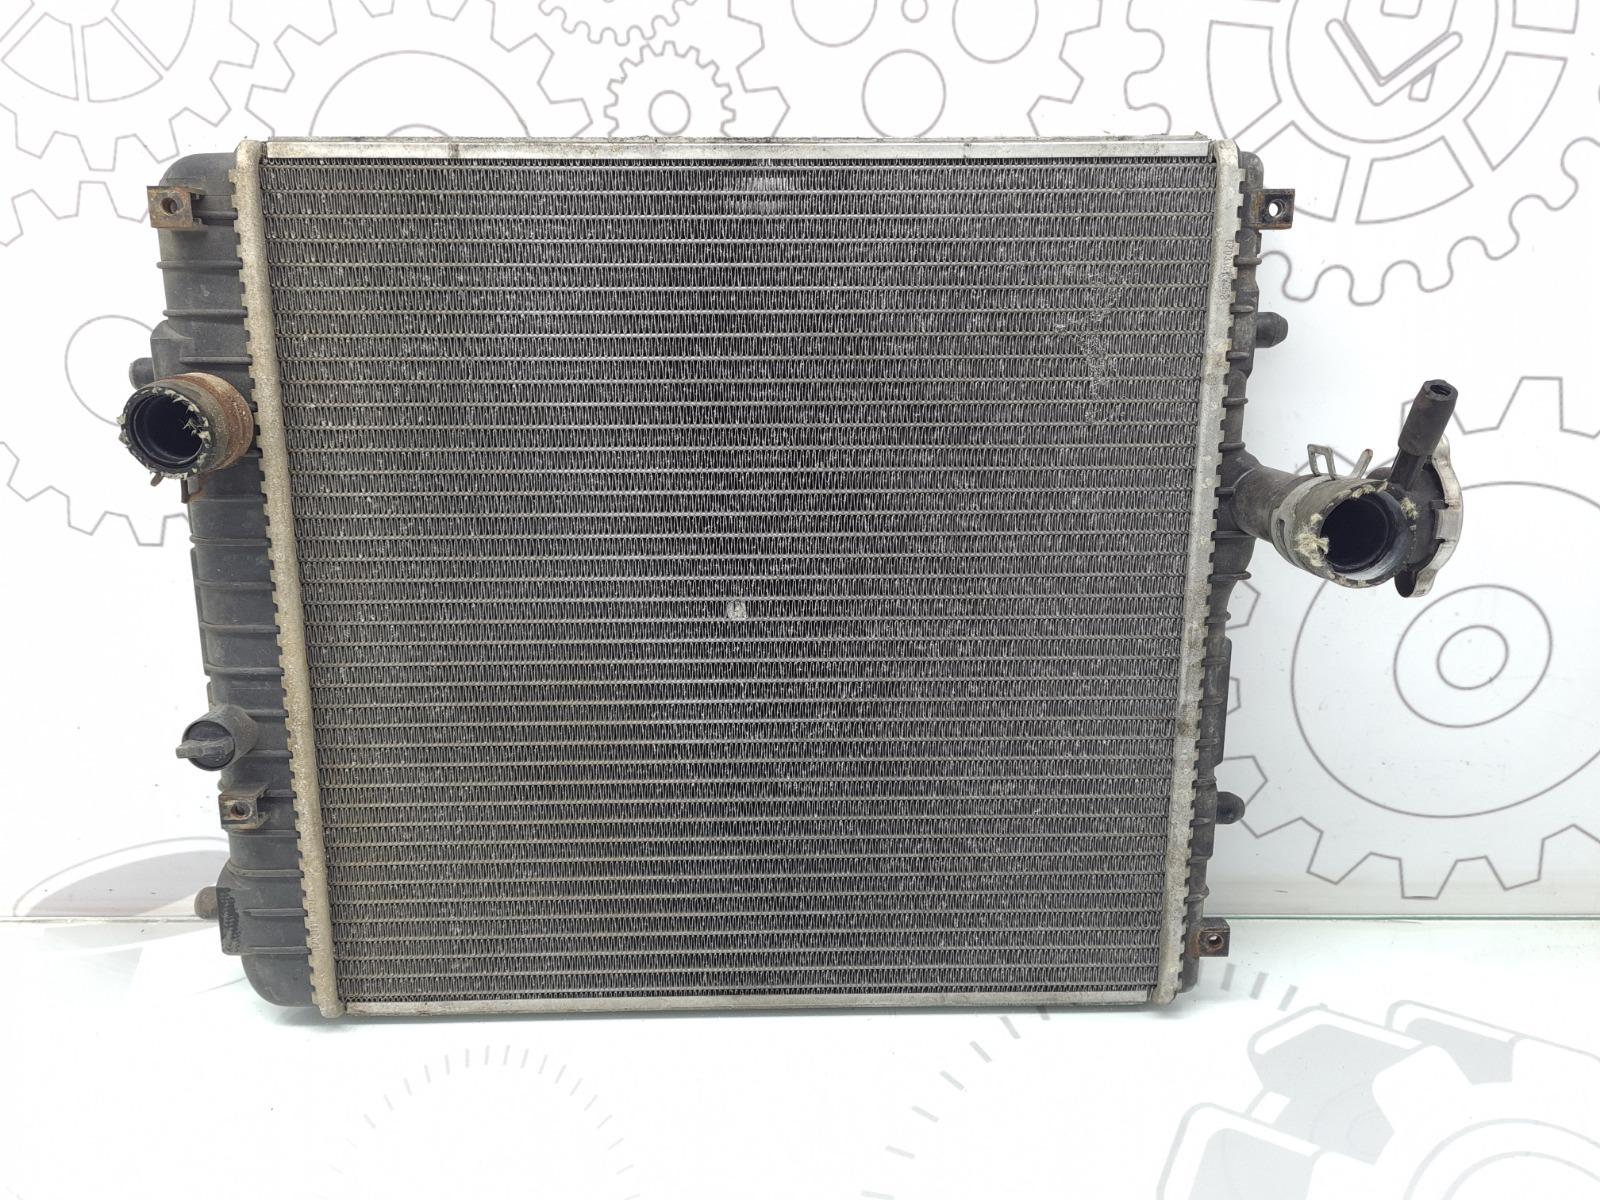 Радиатор (основной) Suzuki Wagon R 1.3 I 2002 (б/у)